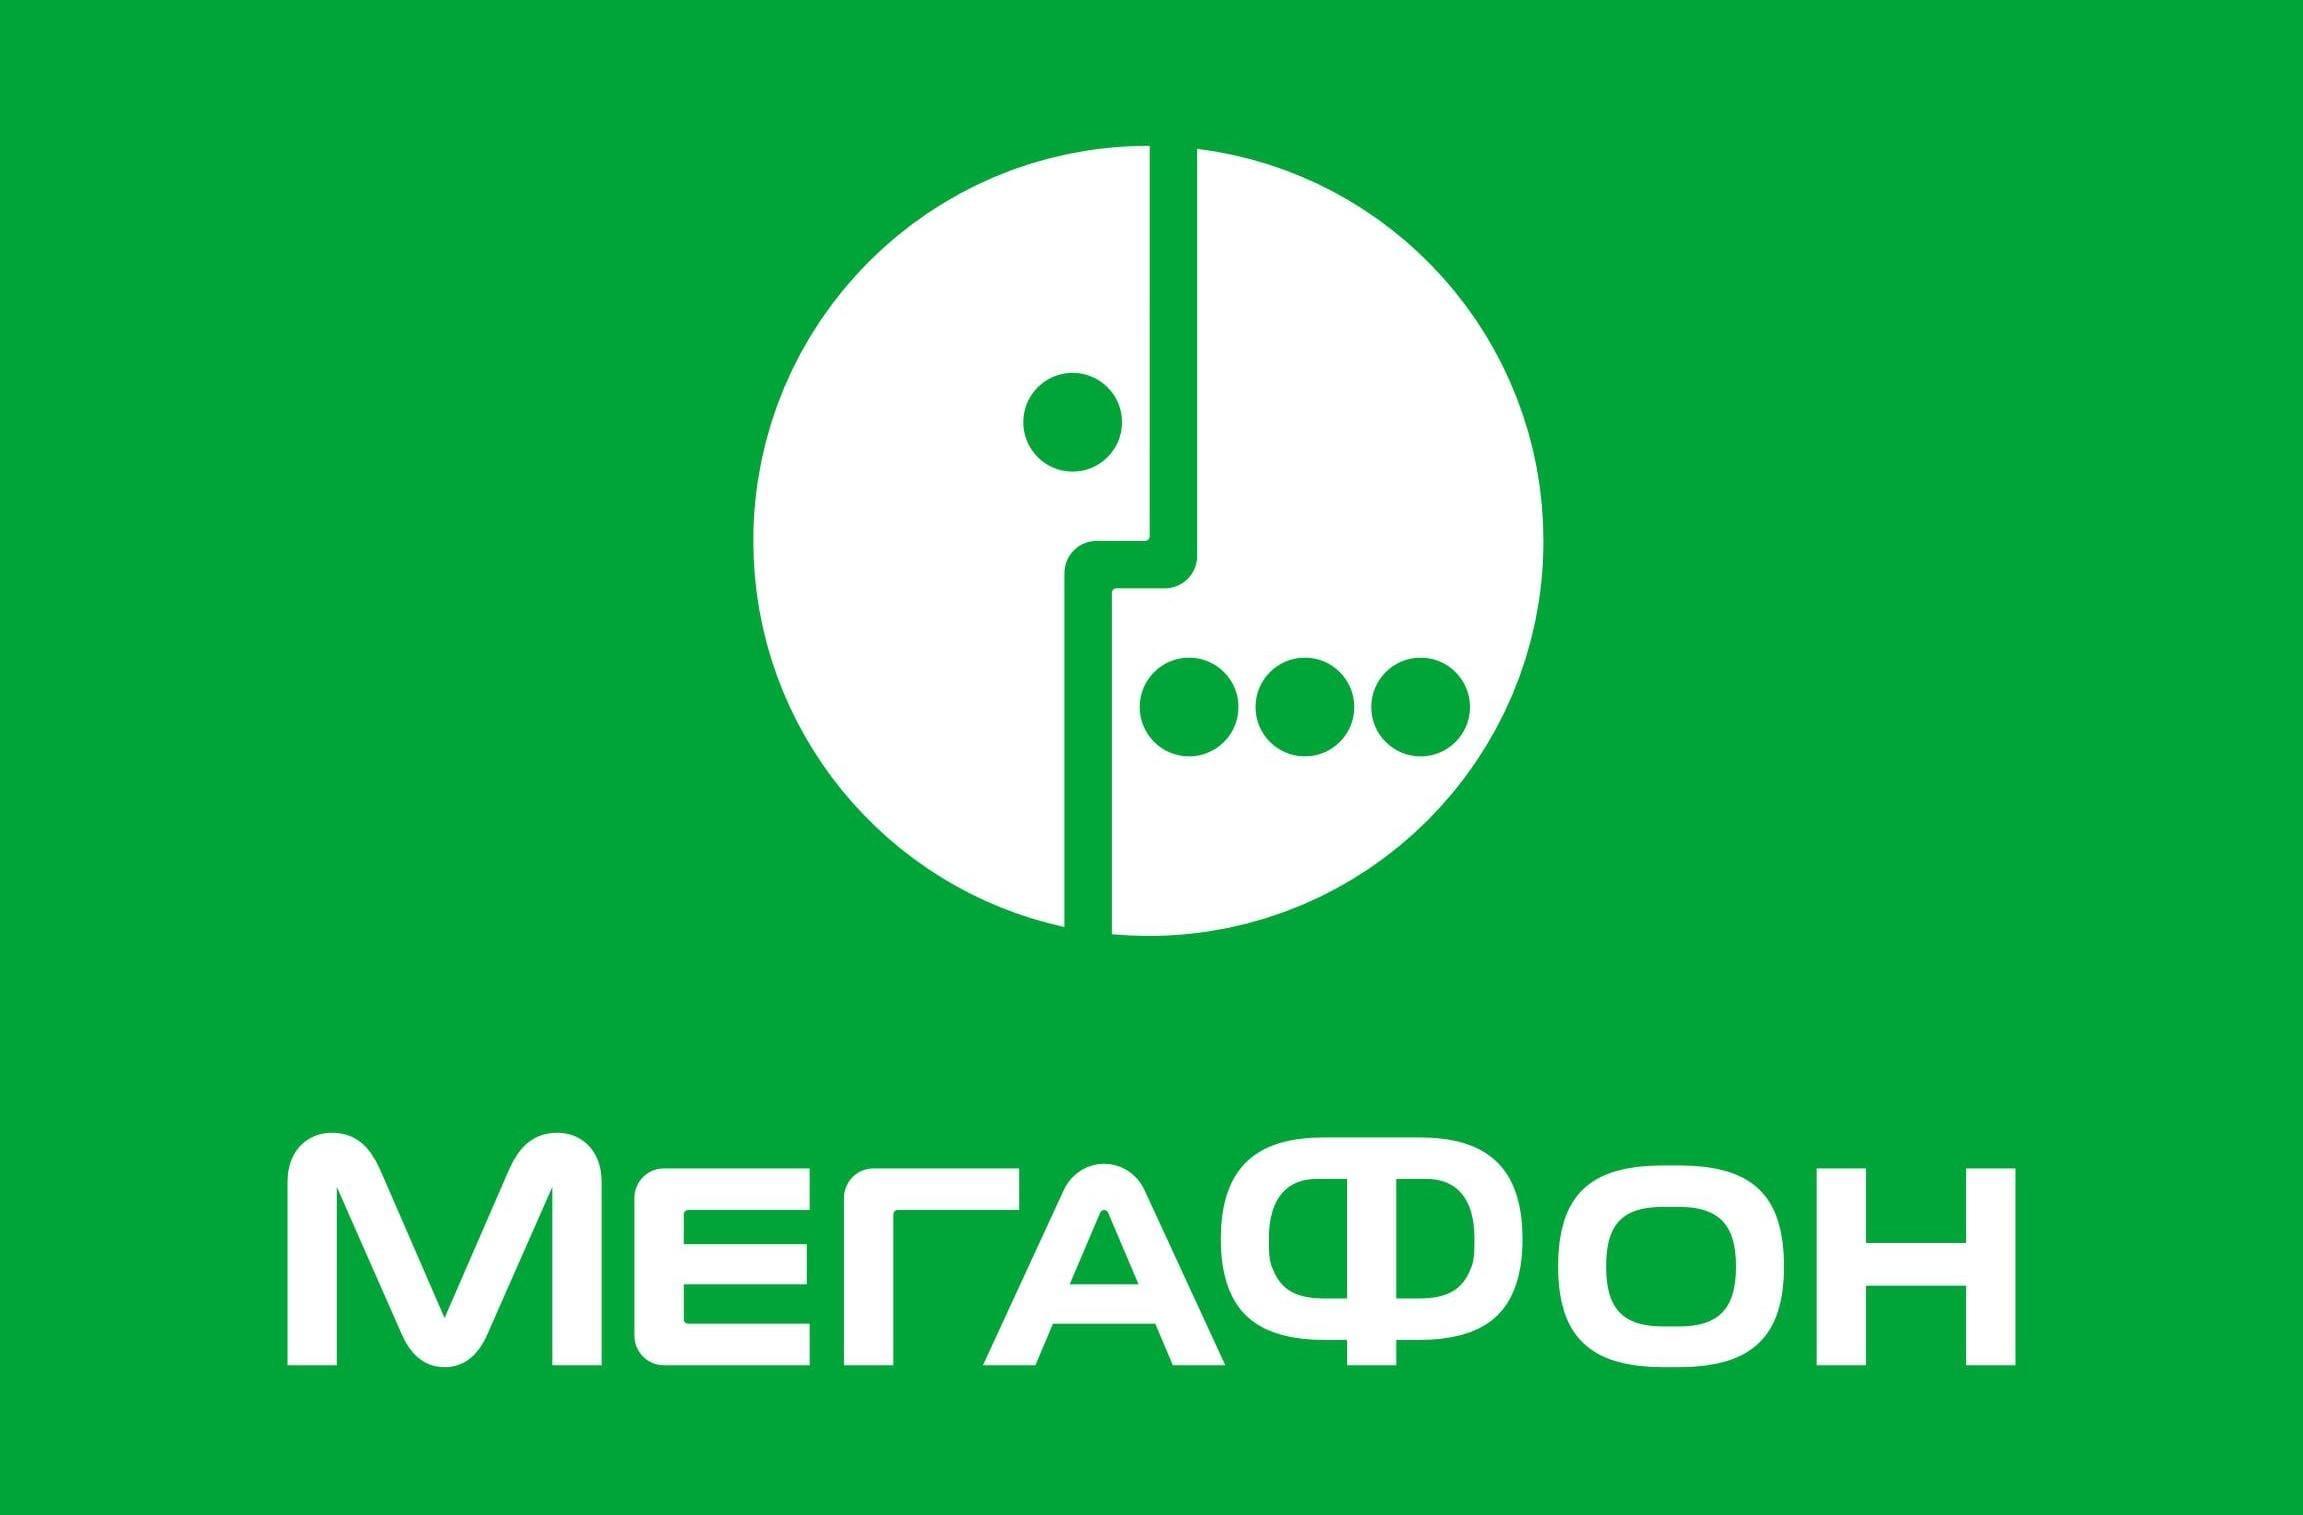 «Мегафон» купил московского владельца частот 5G «Неоспринт» за720 млн руб.